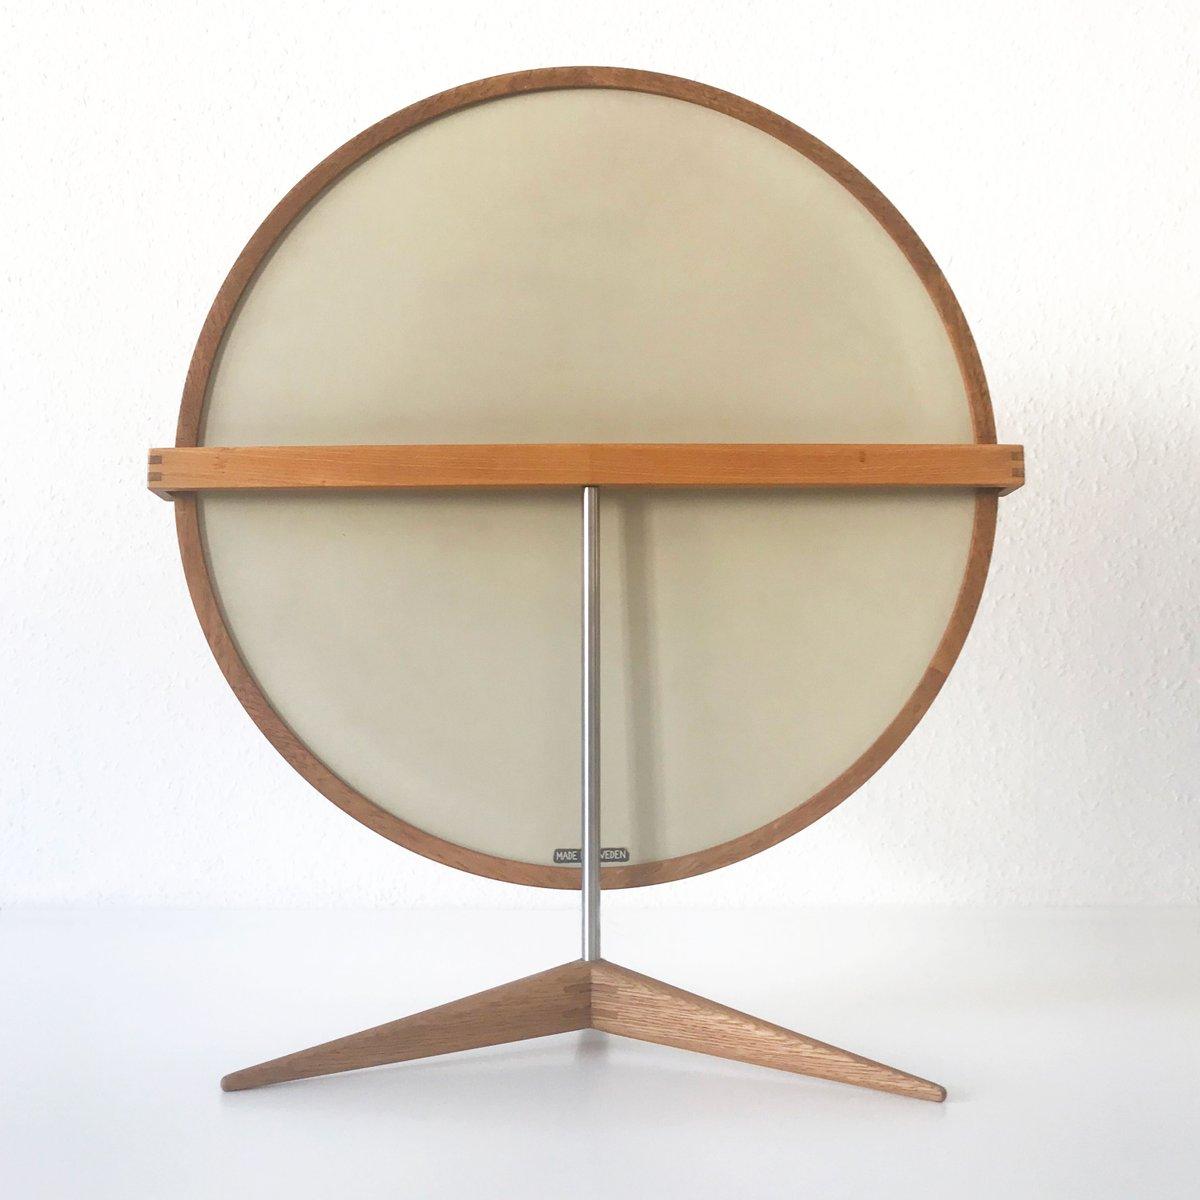 gro er tischspiegel von sten uno kristiansson f r luxus 1960er bei pamono kaufen. Black Bedroom Furniture Sets. Home Design Ideas